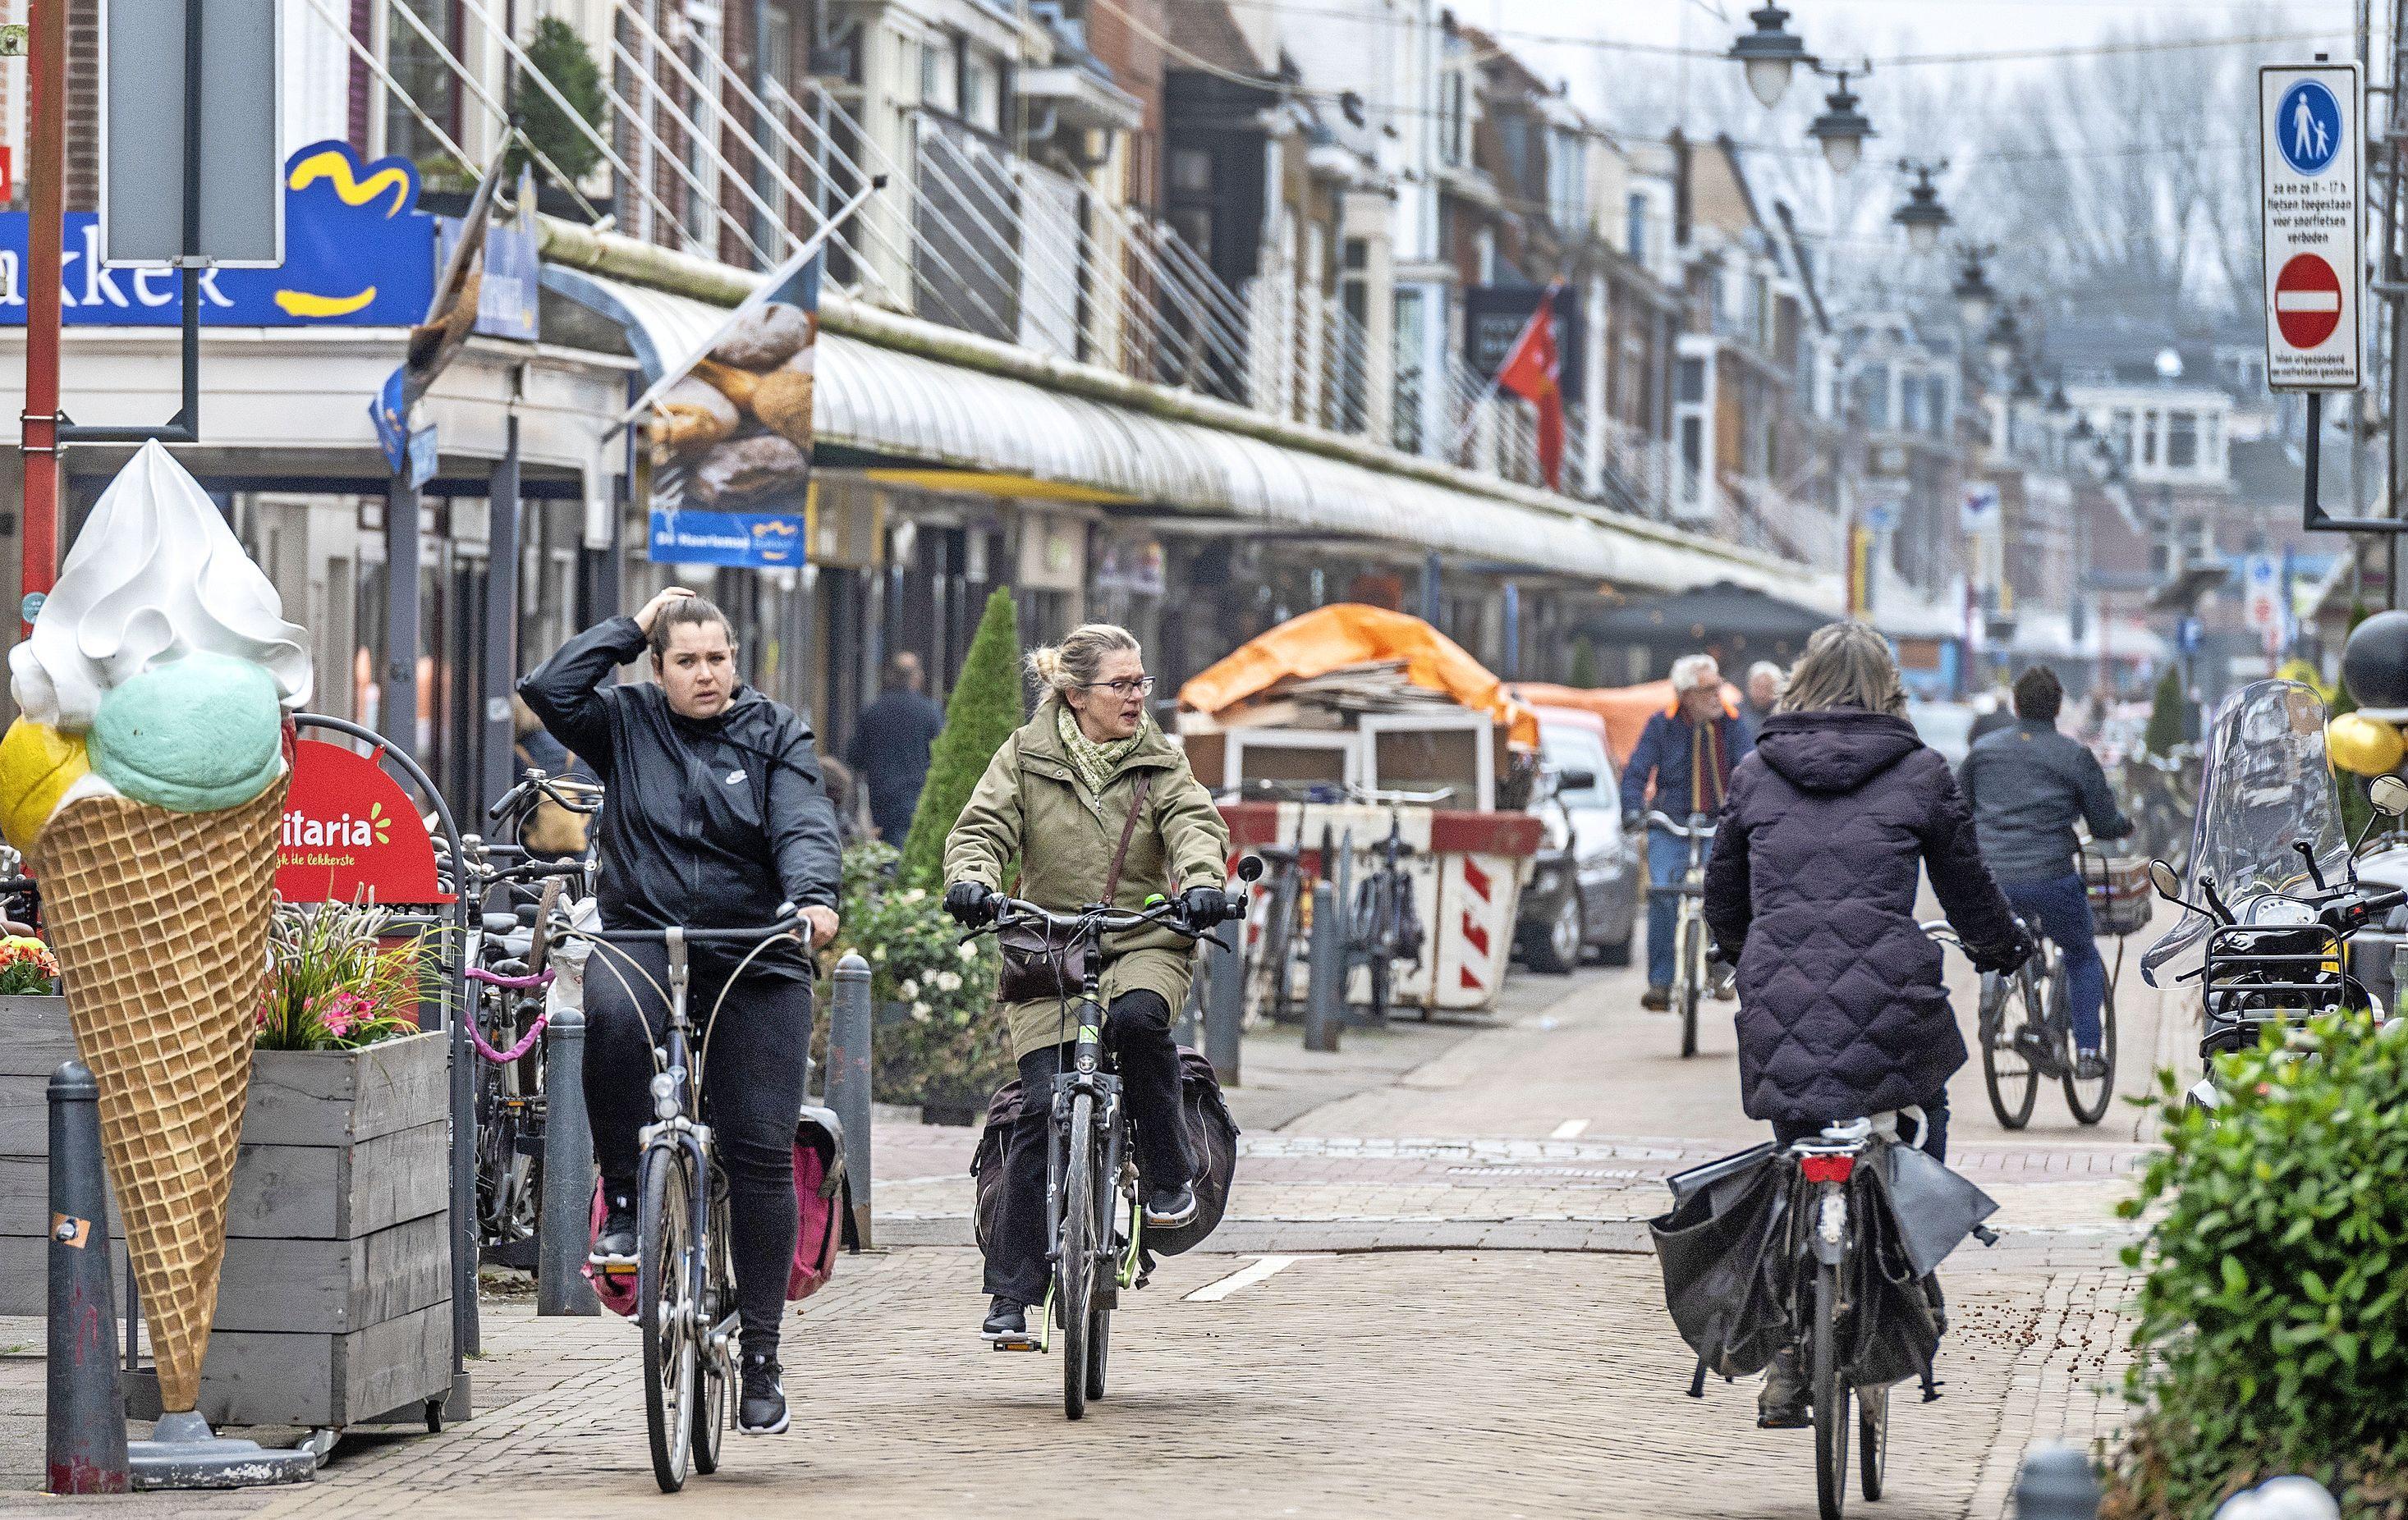 Grote pinstoring in Haarlemse winkelstraat, in veel zaken alleen contant betalen